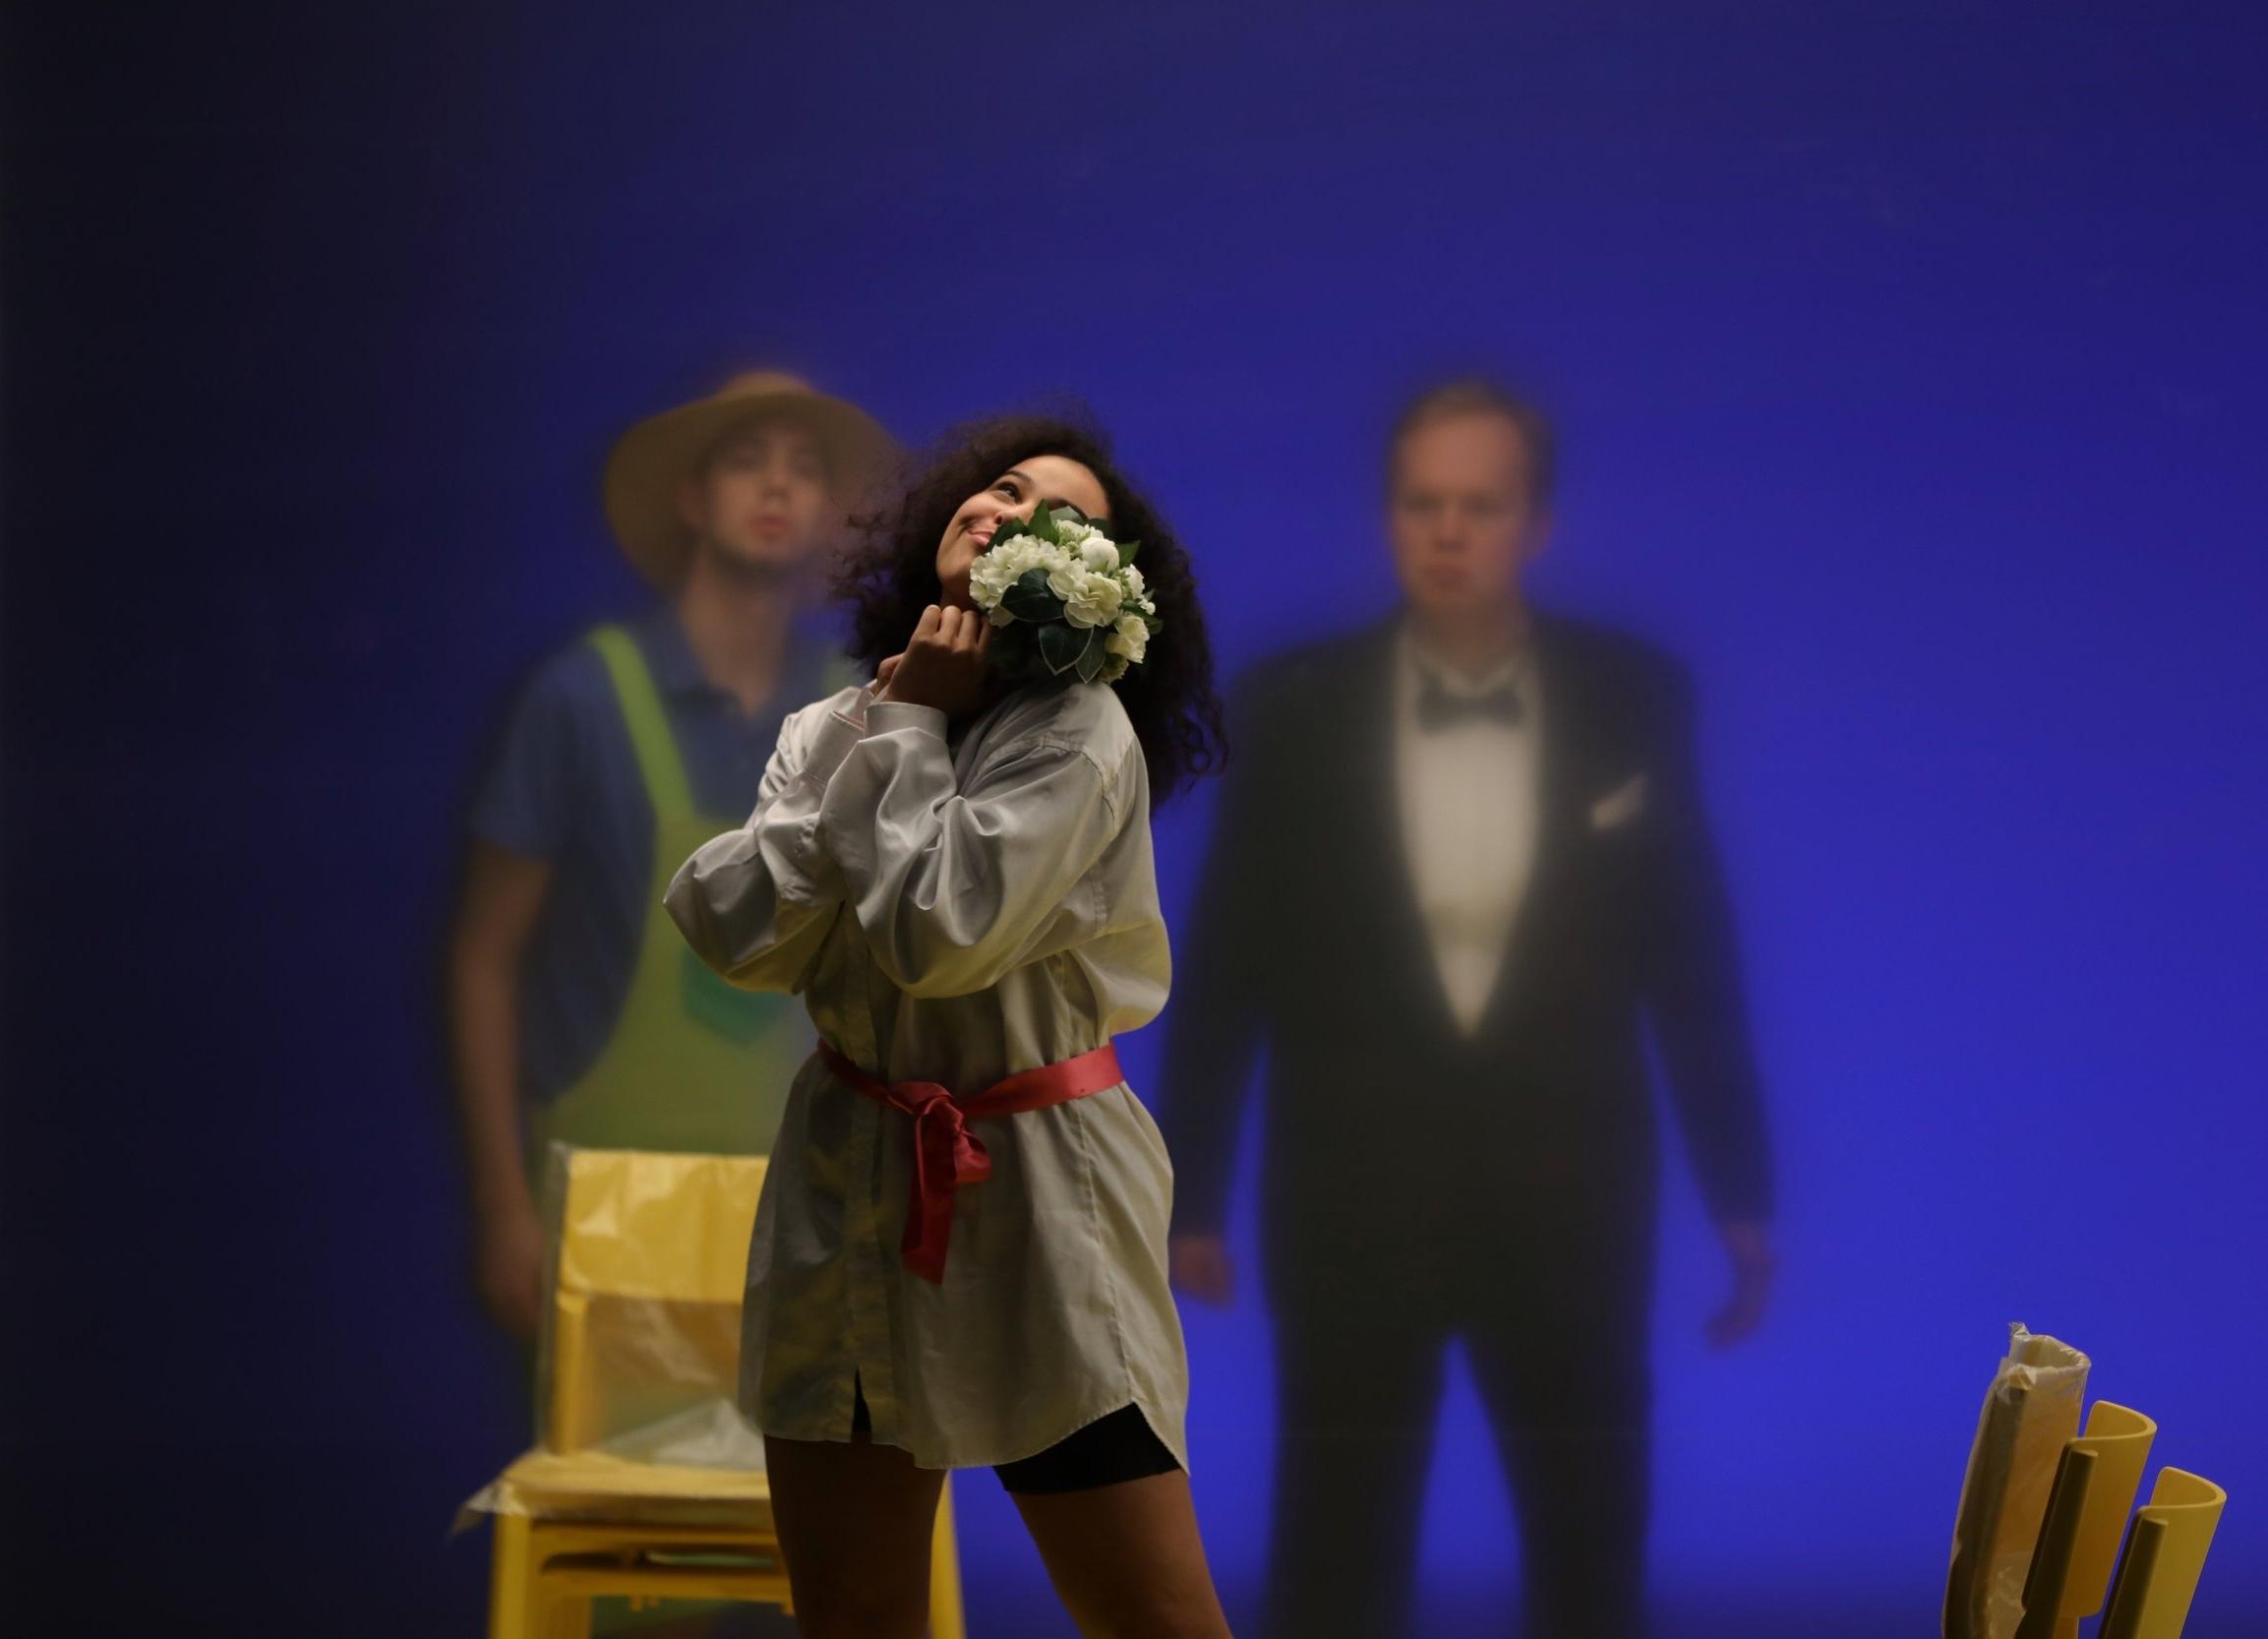 FIGAROS BRYLLUP - Le Nozze di Figaro / Opera